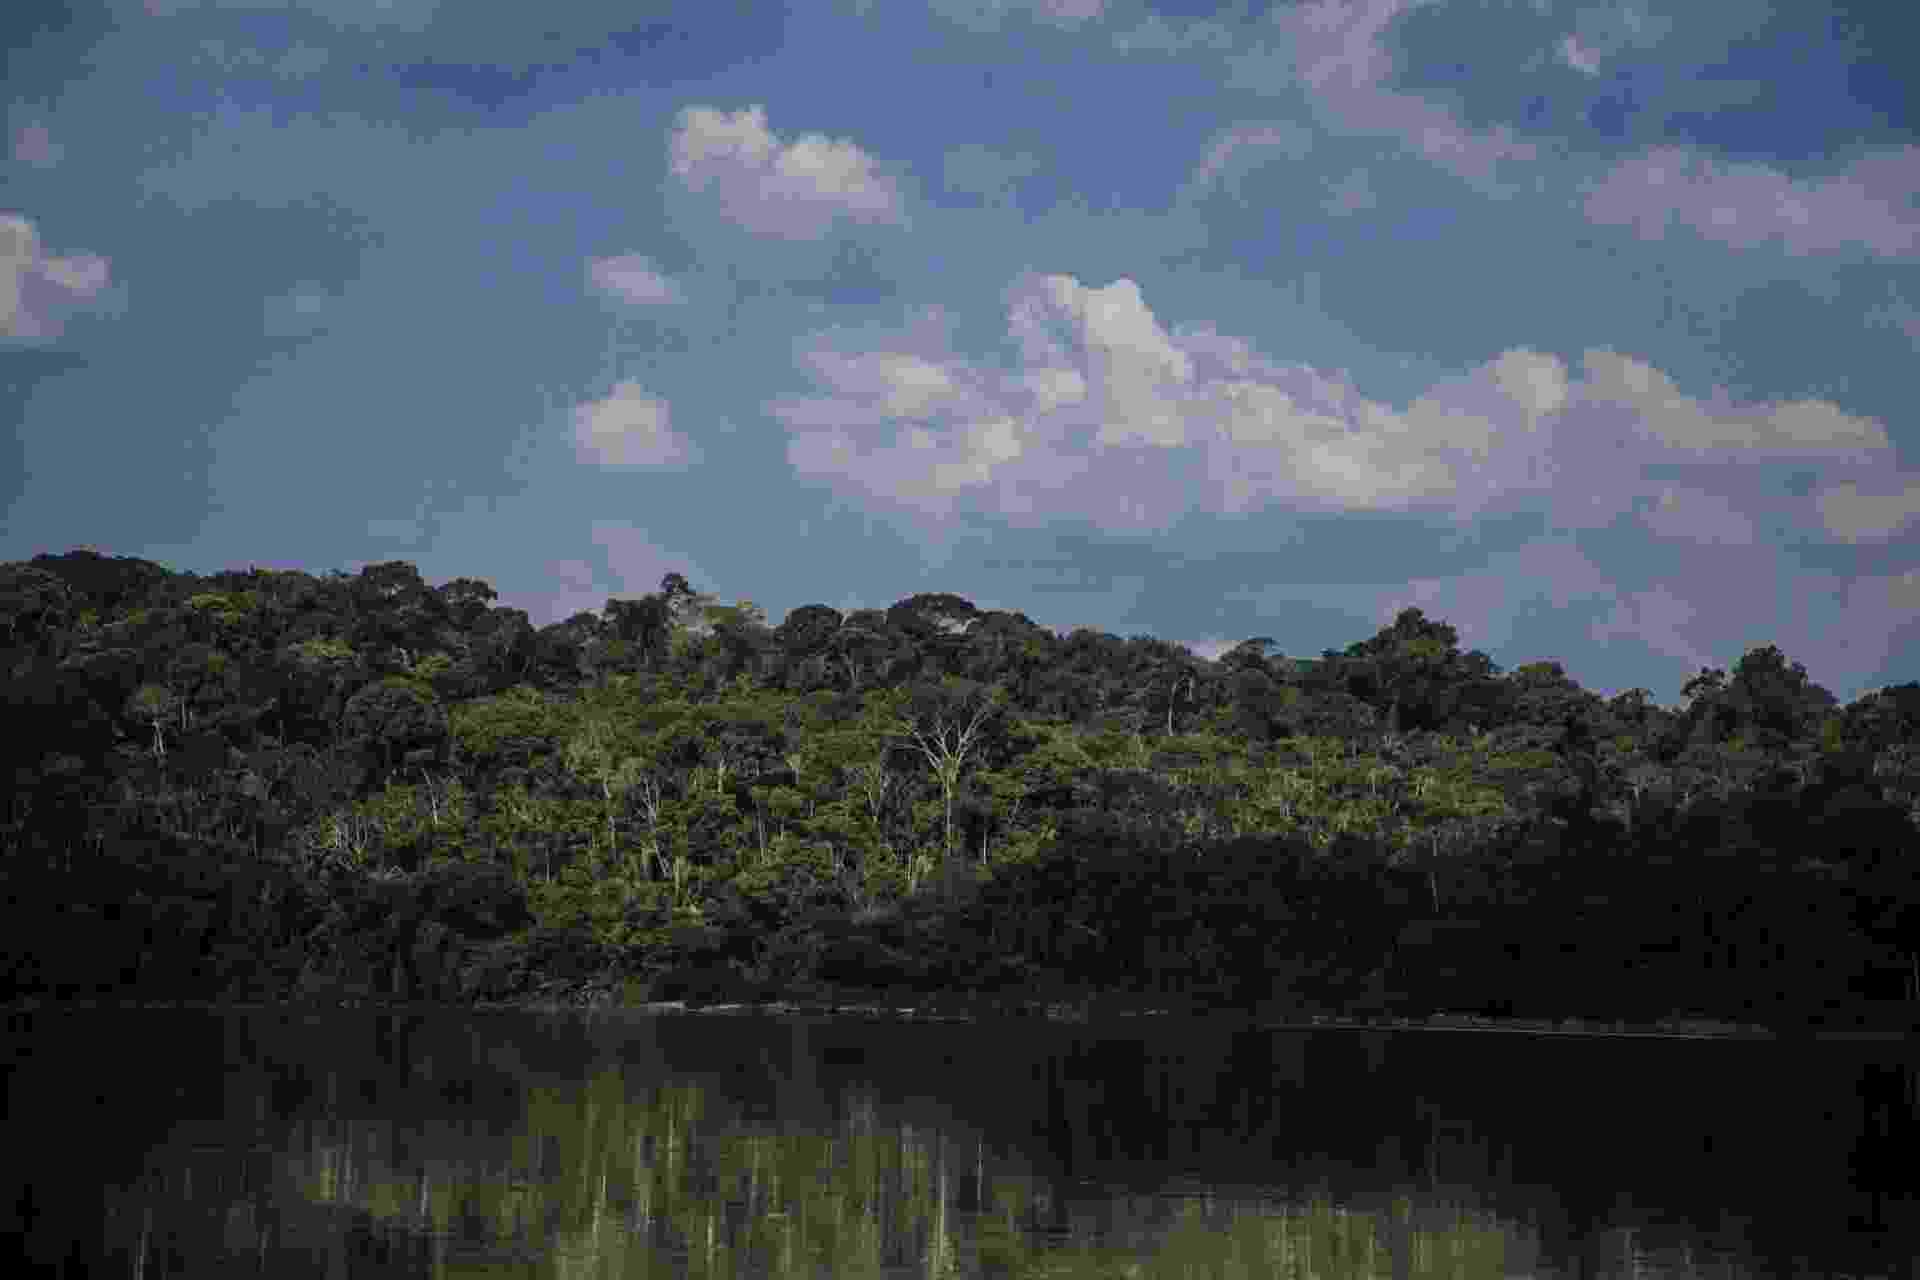 Rio Tapajós, no Pará, fonte de vida para os índios mundurukus - Ana Mendes/Agência Pública